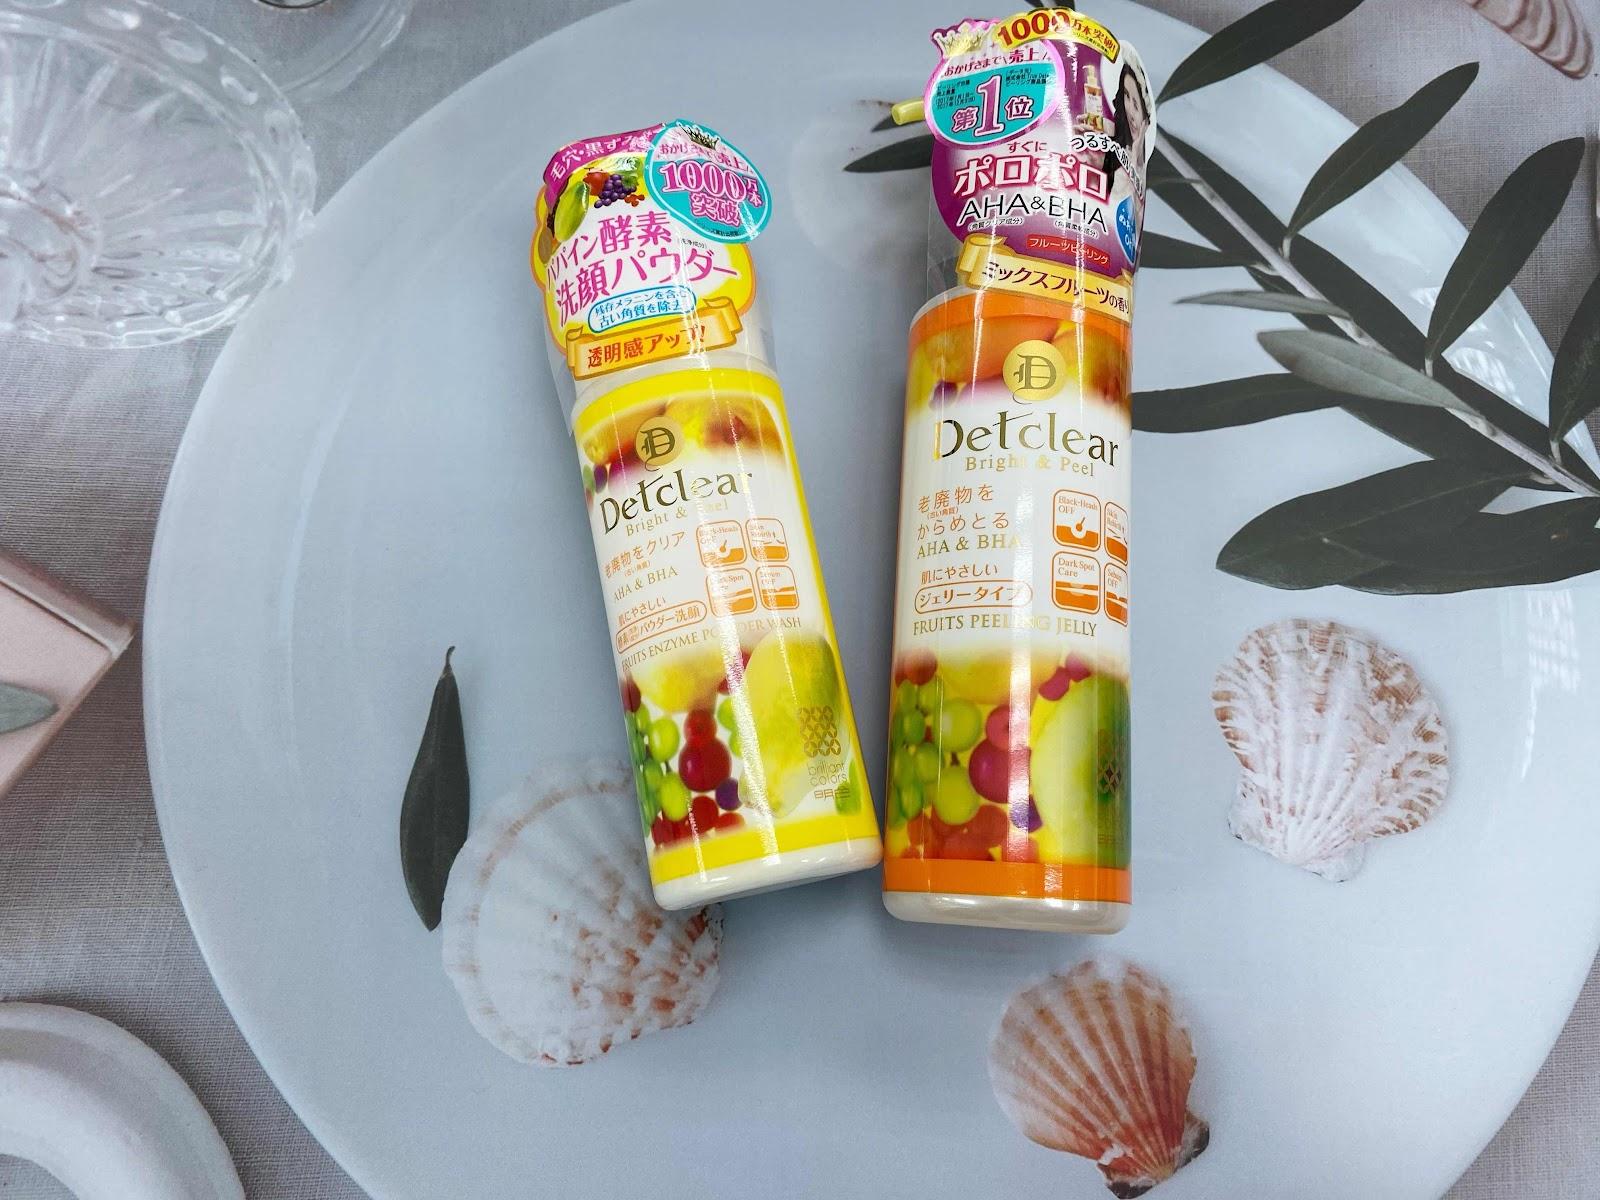 肌膚乾淨白滑,日本去角質潔膚專家Detclear